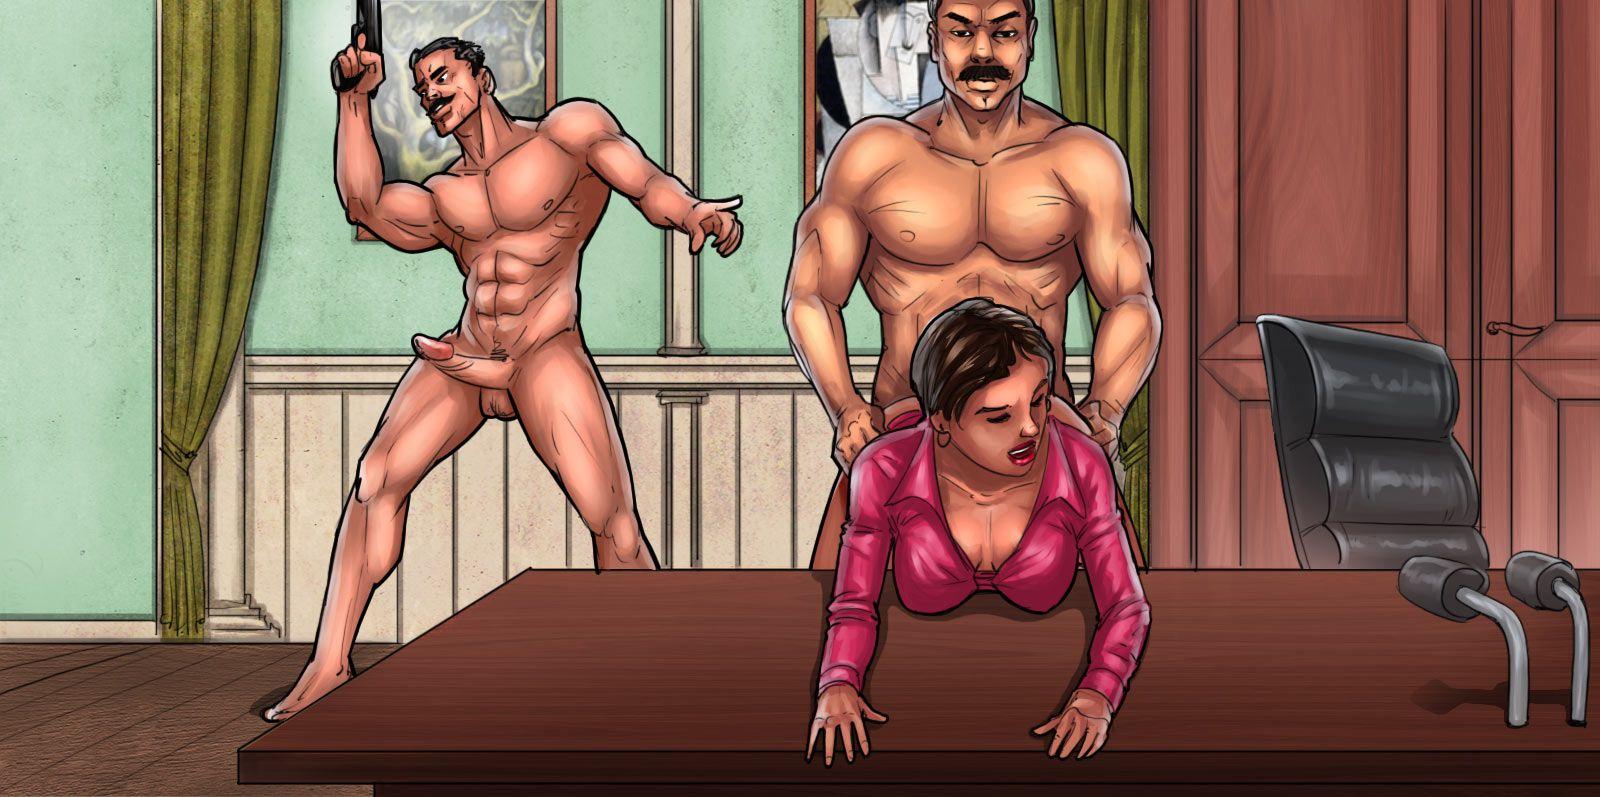 Пародии смотреть гангстеров порно на